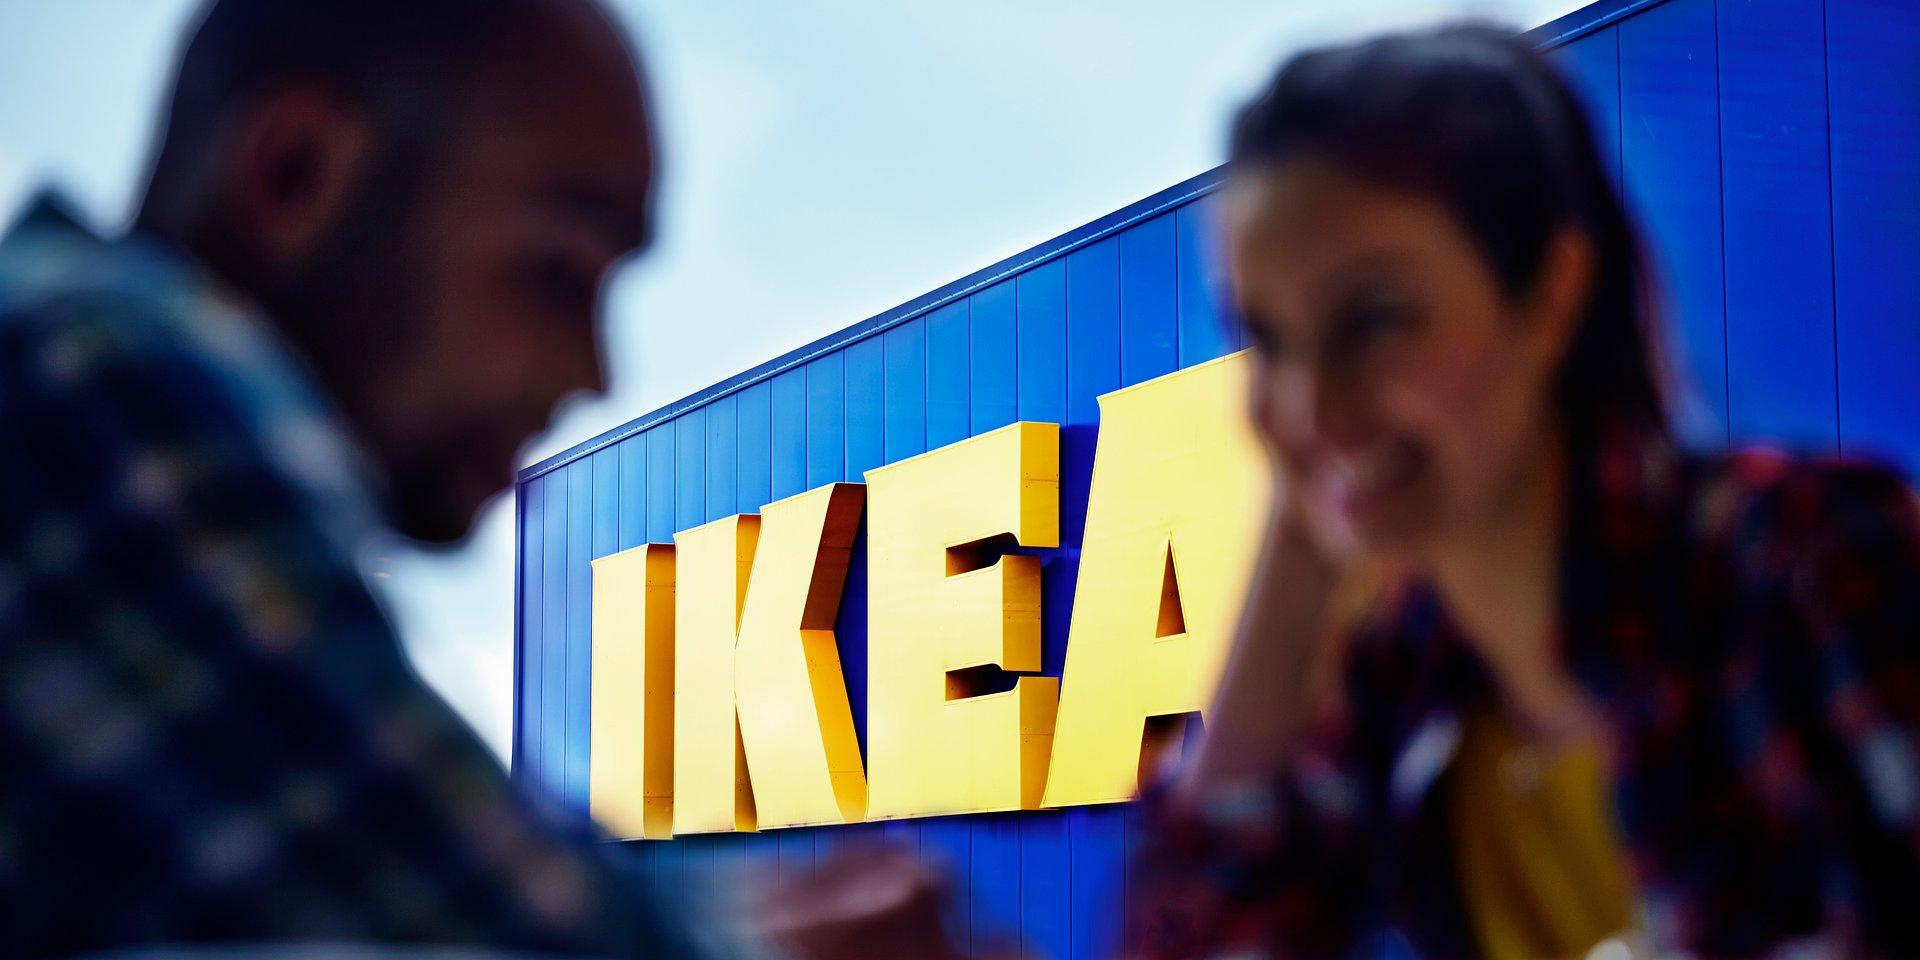 IKEA zmienia się, by być bliżej klientów i lepiej odpowiadać na ich potrzeby